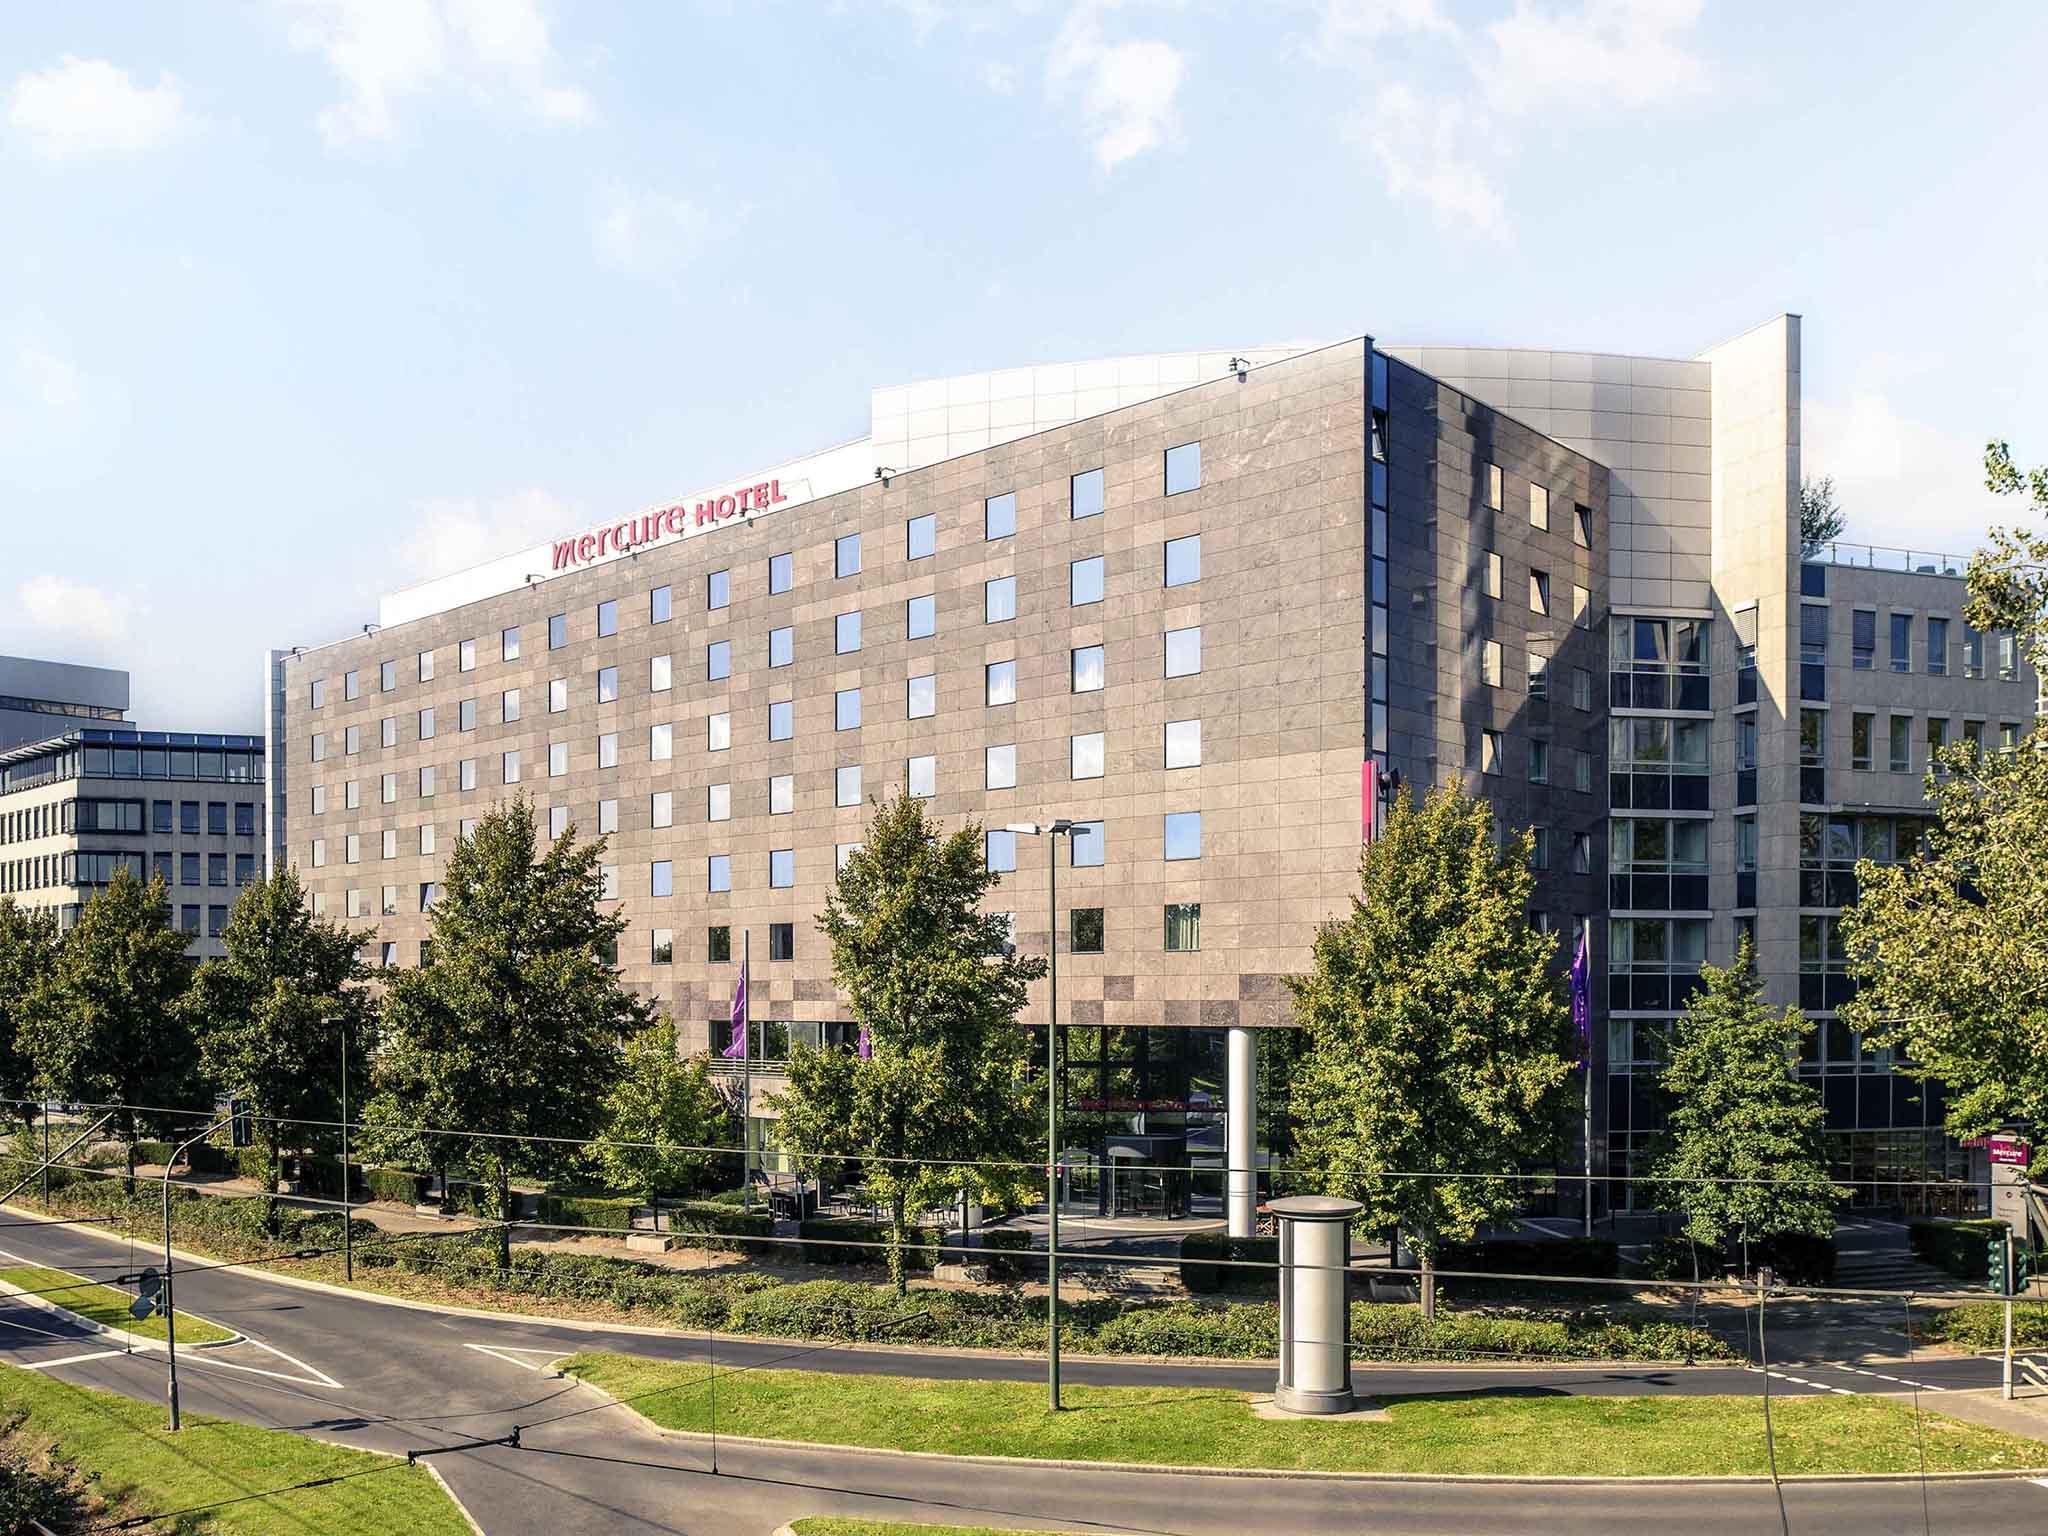 فندق - فندق مركيور Mercure دوسلدورف سيسترن